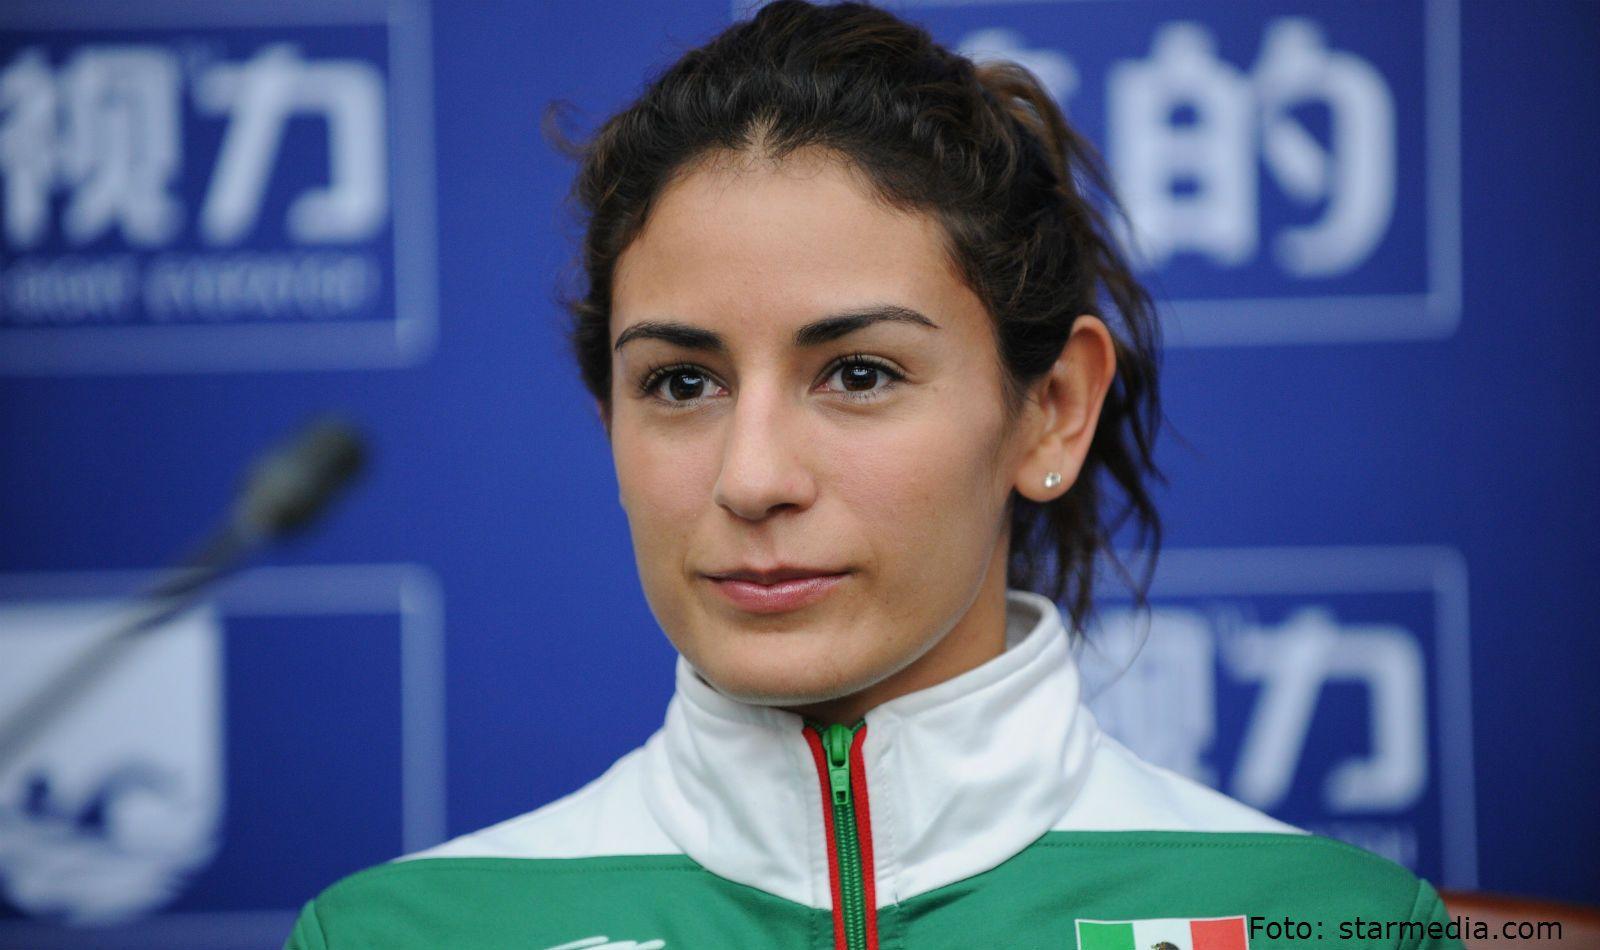 Atletas mexicanos abren eventos de primeras medallas en Barranquilla